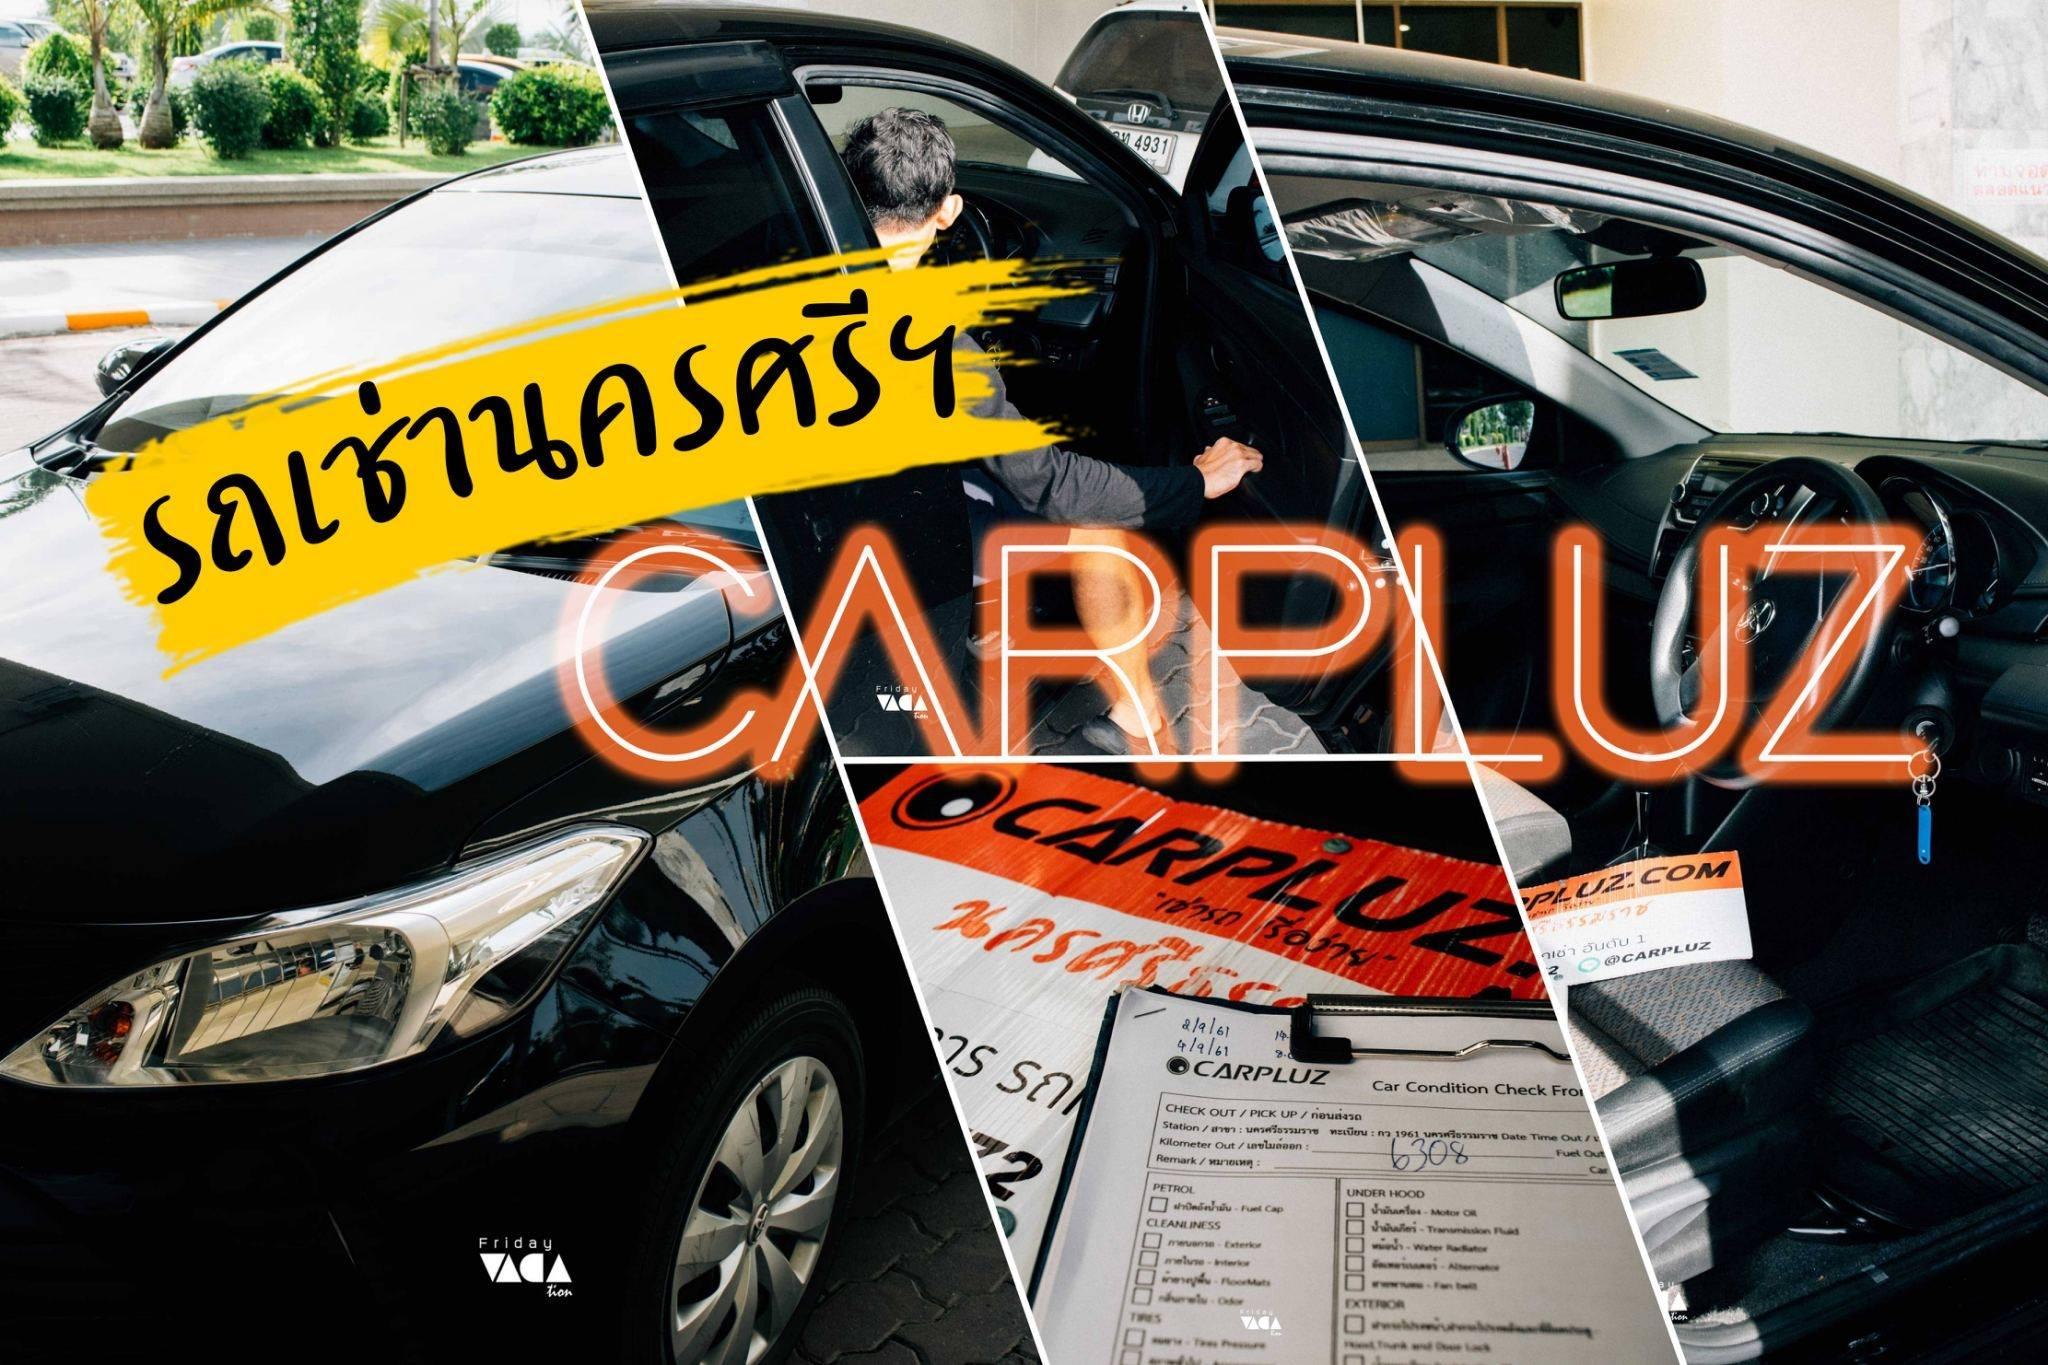 เริ่มกันด้วย--พาหนะประจำทริป--กันก่อนครับ-อันนี้เป็นรถเช่าที่ผมเลือกใช้เป็นประจำครับ-Carpluz.com---รถเช่า-นครศรีธรรมราช-อันดับ-1-โทร.-085-369-2772-เจ้าของเป็นคนนครเลยคับ-น่าเชื่อถือ-มีสาขาหลายที่เลย-เช่าง่าย-สบายสุดๆ-พอได้รถดีๆแล้วเราก็ลุยกันเลยครับ ที่พัก,นครศรีธรรมราช,โรมแรม,รีสอร์ท,อพาร์ทเม้นต์,กลางเมือง,ห้องพัก,วิวหลักล้าน,คาเฟ่